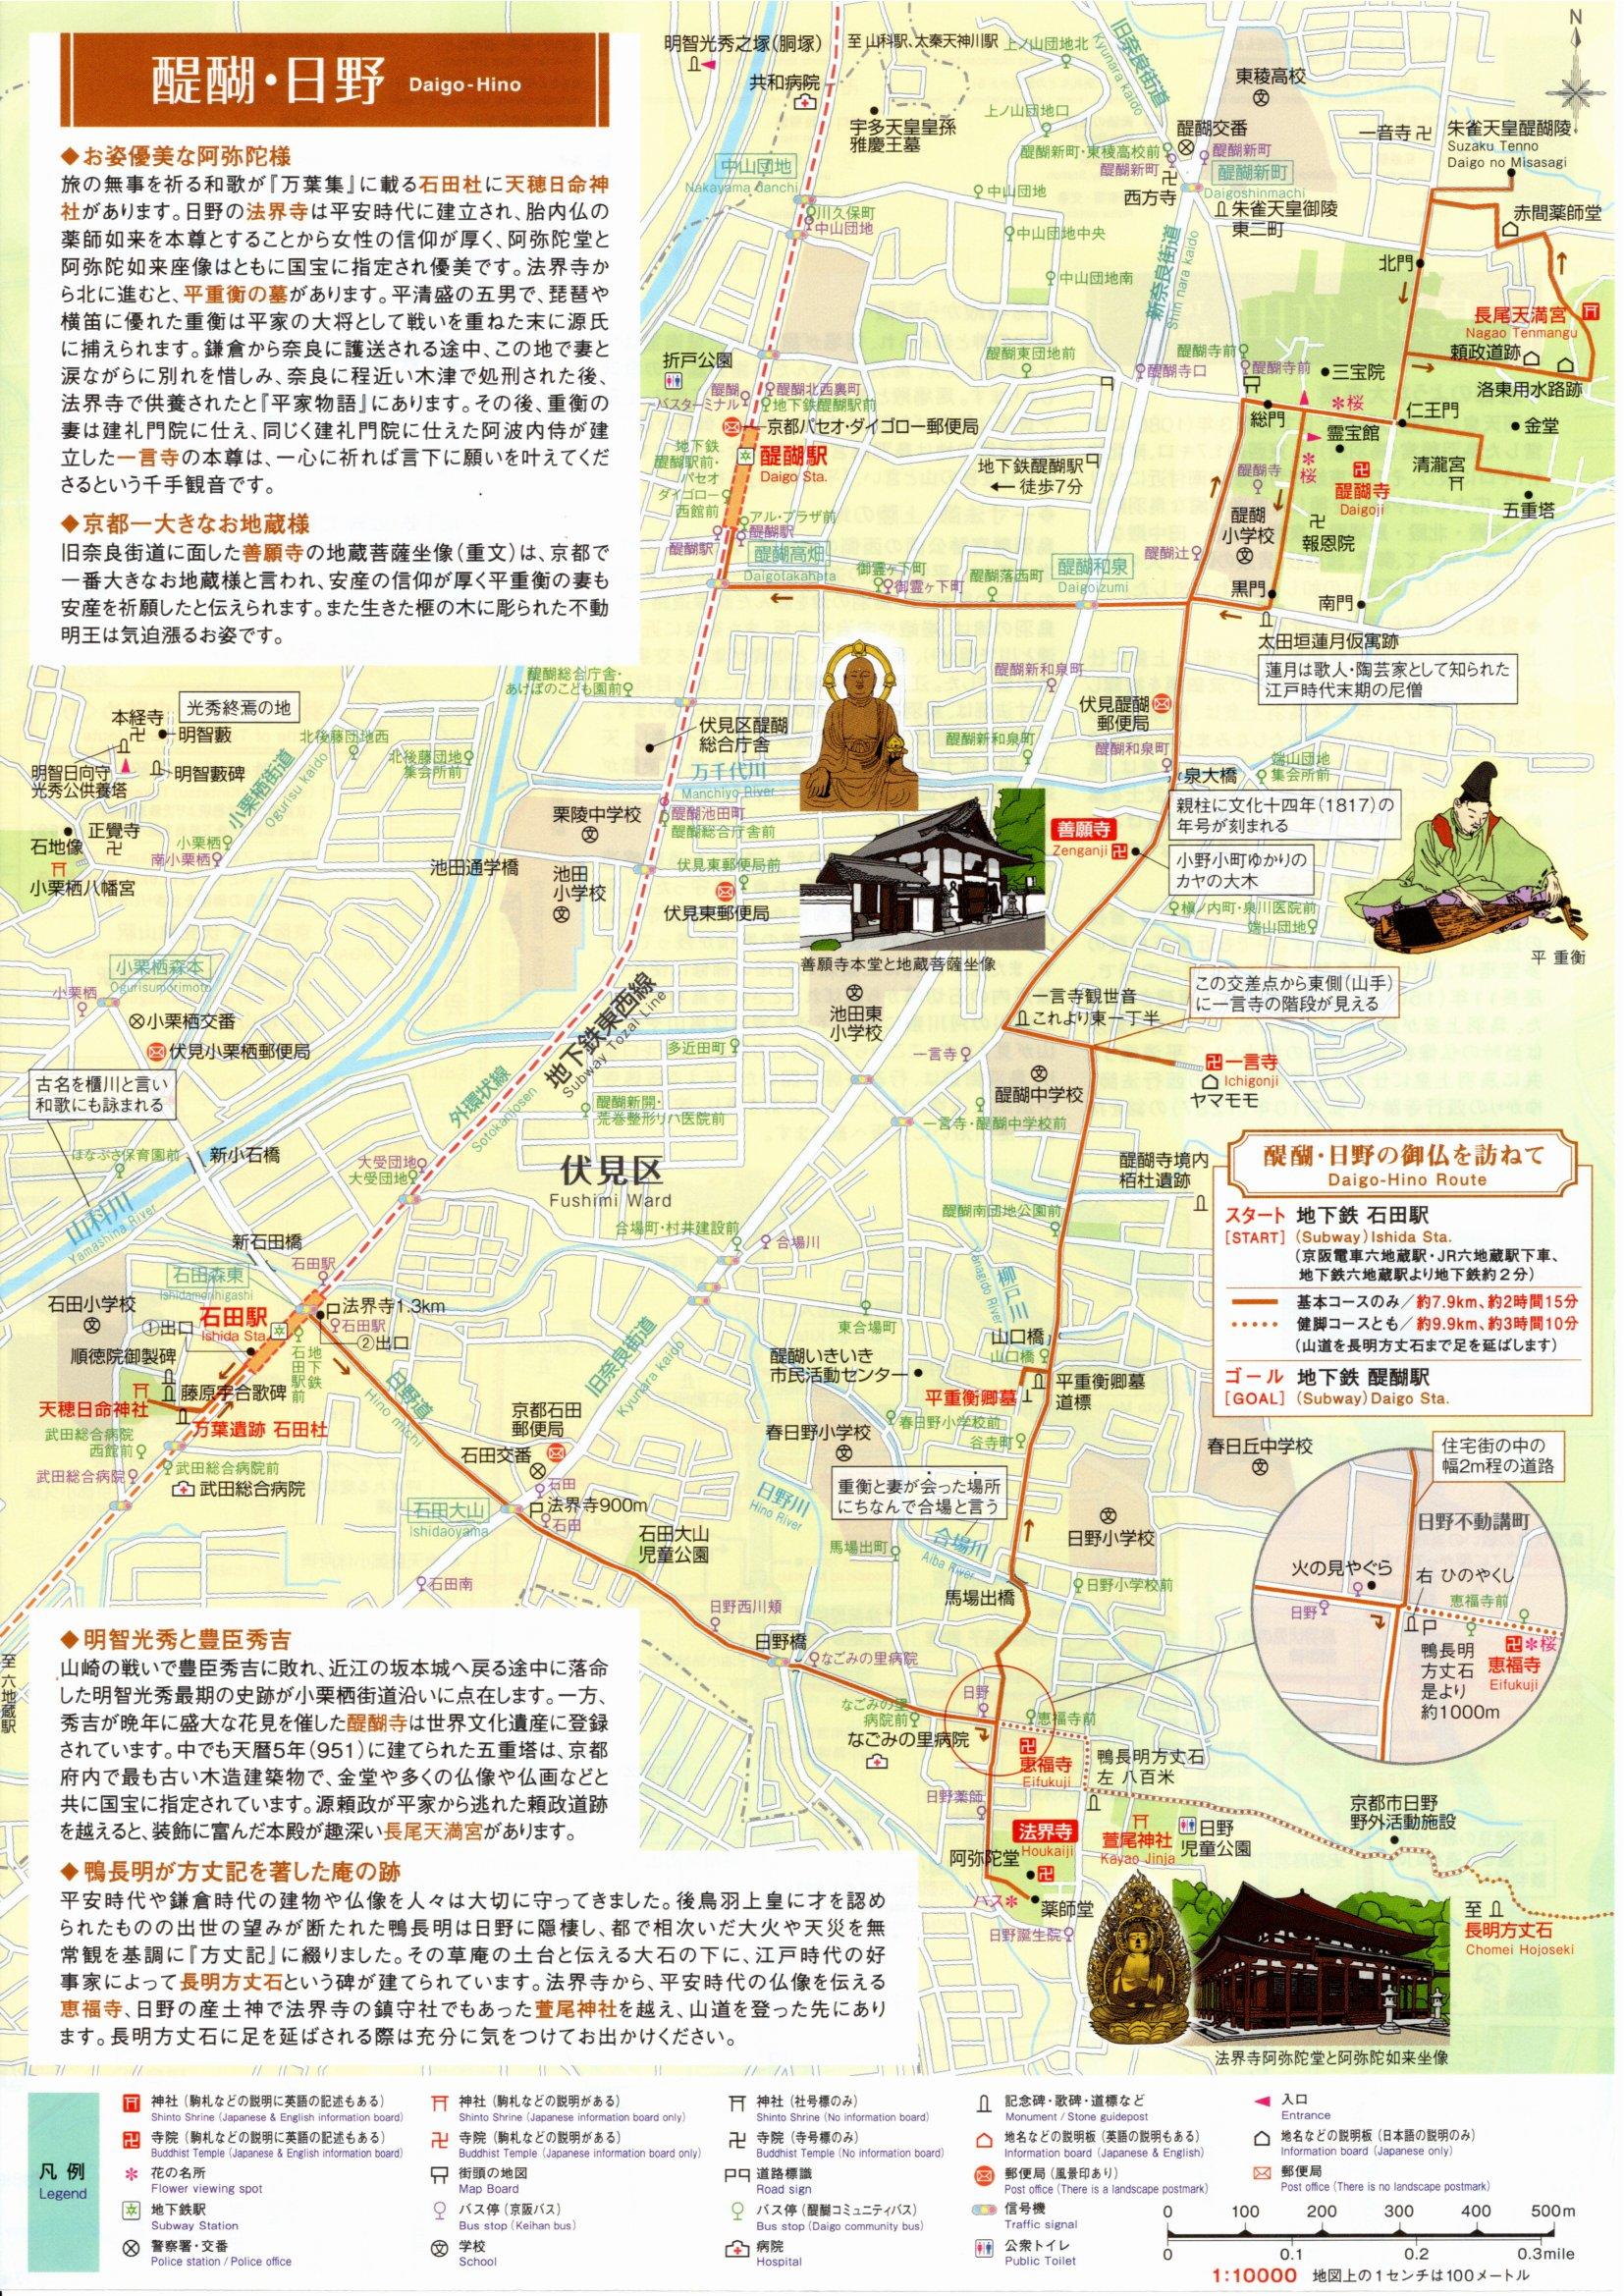 城南宮メニュー周辺の社寺と名所旧蹟 「京都・洛南 探訪MAP」